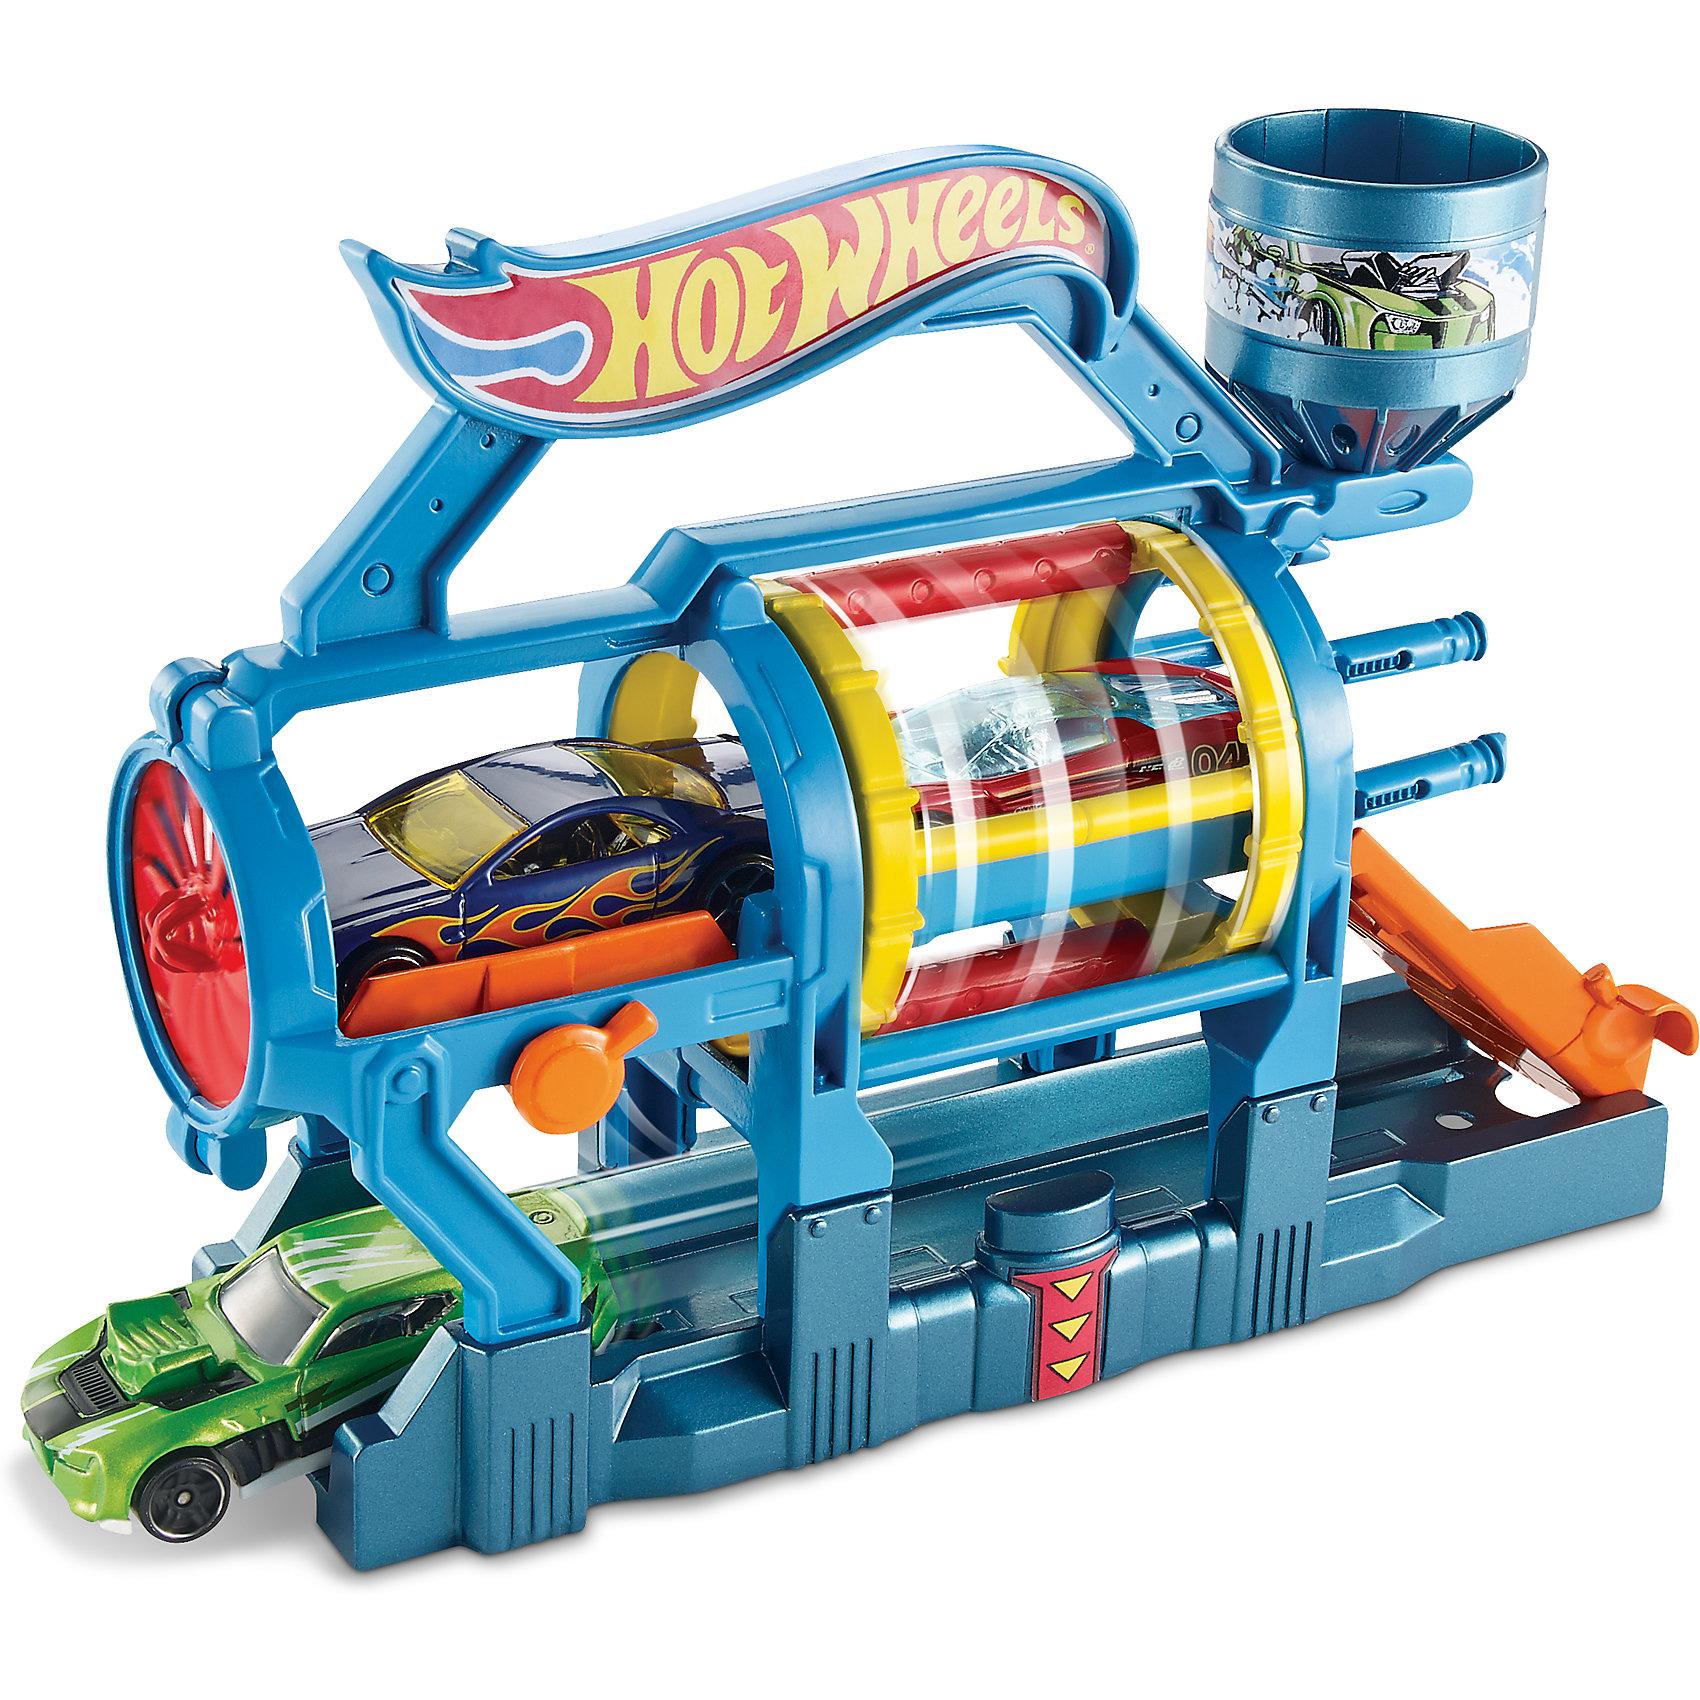 Трансформирующийся игровой набор Turbo Jet Car Wash, Hot WheelsХарактеристики товара:<br><br>• материал: пластик, металл<br>• комплектация: 1 машинка, автомойка<br>• хорошая детализация<br>• совместимы с игровыми наборами Hot Wheels<br>• возраст: от 4 лет<br>• размер упаковки: 20х18х5 см<br>• упаковка: блистер на картоне<br>• страна бренда: США<br><br>Играть с машинками обожает множество современных мальчишек. Сделать ребенку желанный подарок легко - приобретите такой набор Turbo Jet Car Wash от бренда Hot Wheels! В него входит машинка и автомойка, где можно приводить машину в порядок после гонок.<br><br>Эти игрушки от Mattel отлично проработаны. Они отличаются безопасными материалами и высокой степенью детализации. С таким набором можно придумать множество игр! Параллельно ребенок будет развивать фантазию, пространственное мышление и мелкую моторику.<br><br>Трансформирующийся игровой набор Turbo Jet Car Wash, Hot Wheels, от компании Mattel можно купить в нашем интернет-магазине.<br><br>Ширина мм: 205<br>Глубина мм: 65<br>Высота мм: 190<br>Вес г: 322<br>Возраст от месяцев: 48<br>Возраст до месяцев: 120<br>Пол: Мужской<br>Возраст: Детский<br>SKU: 5389679